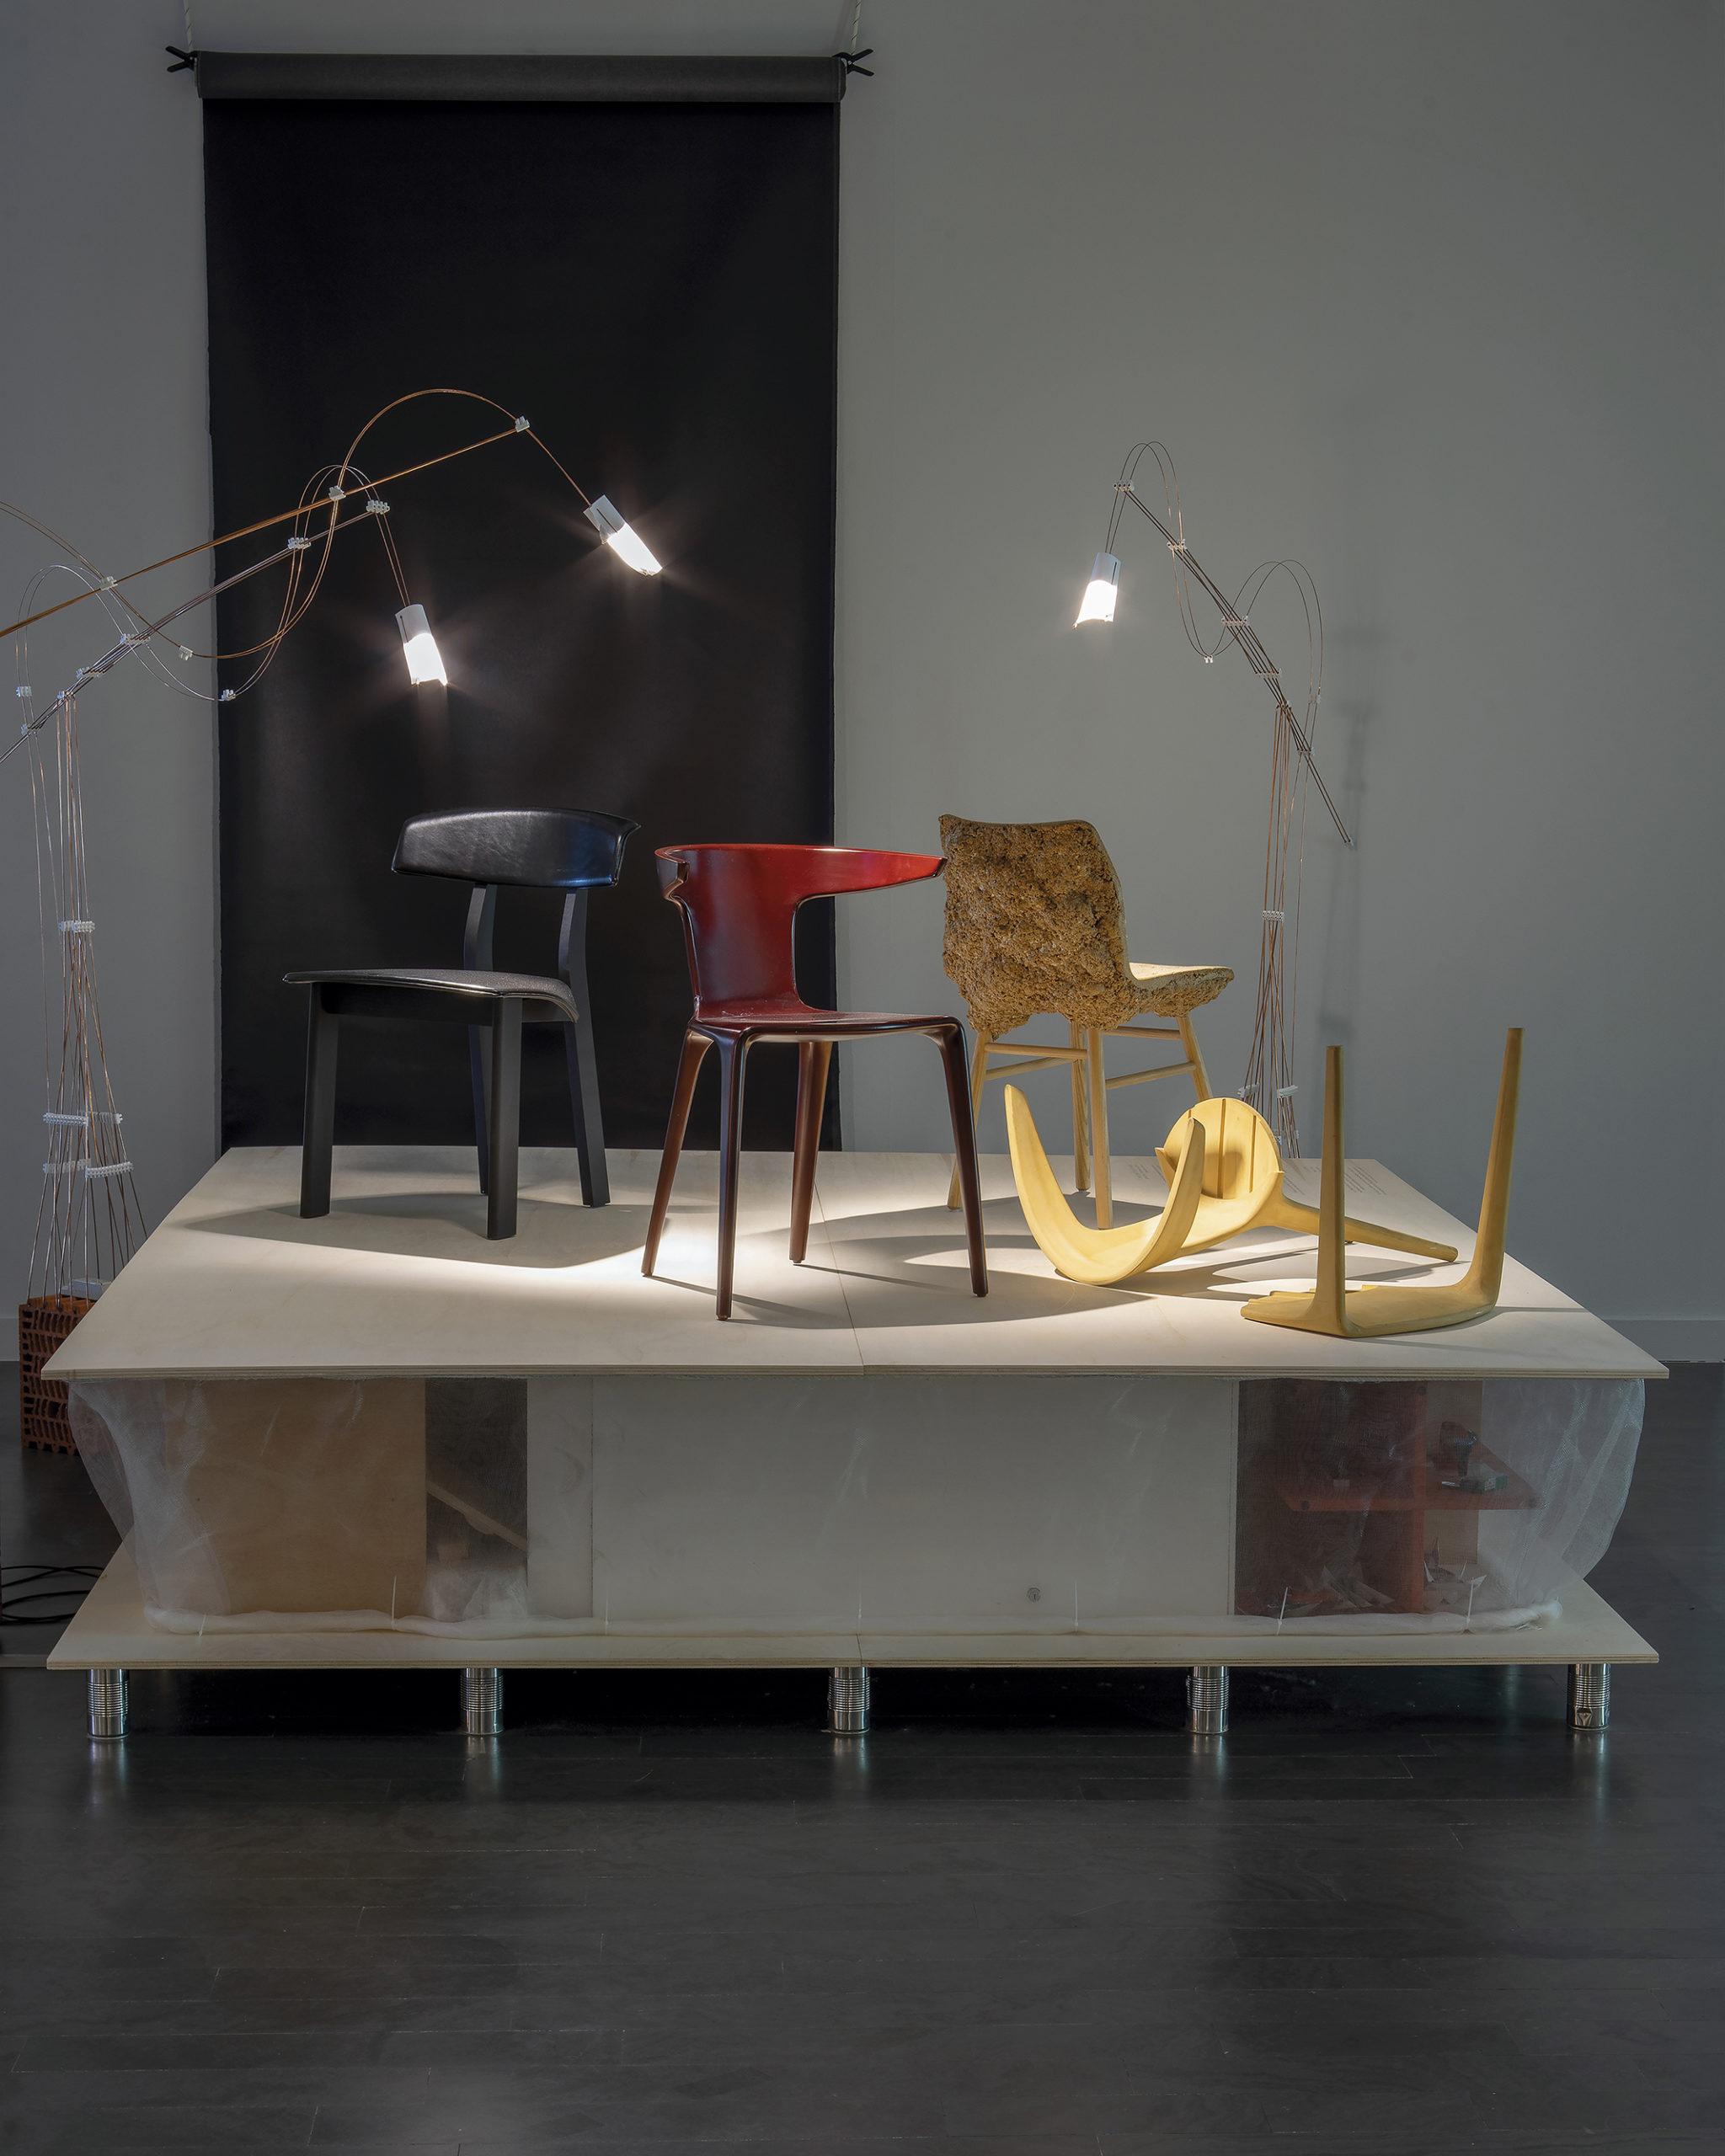 Lámparas de diseño de la exposición Materia Gris